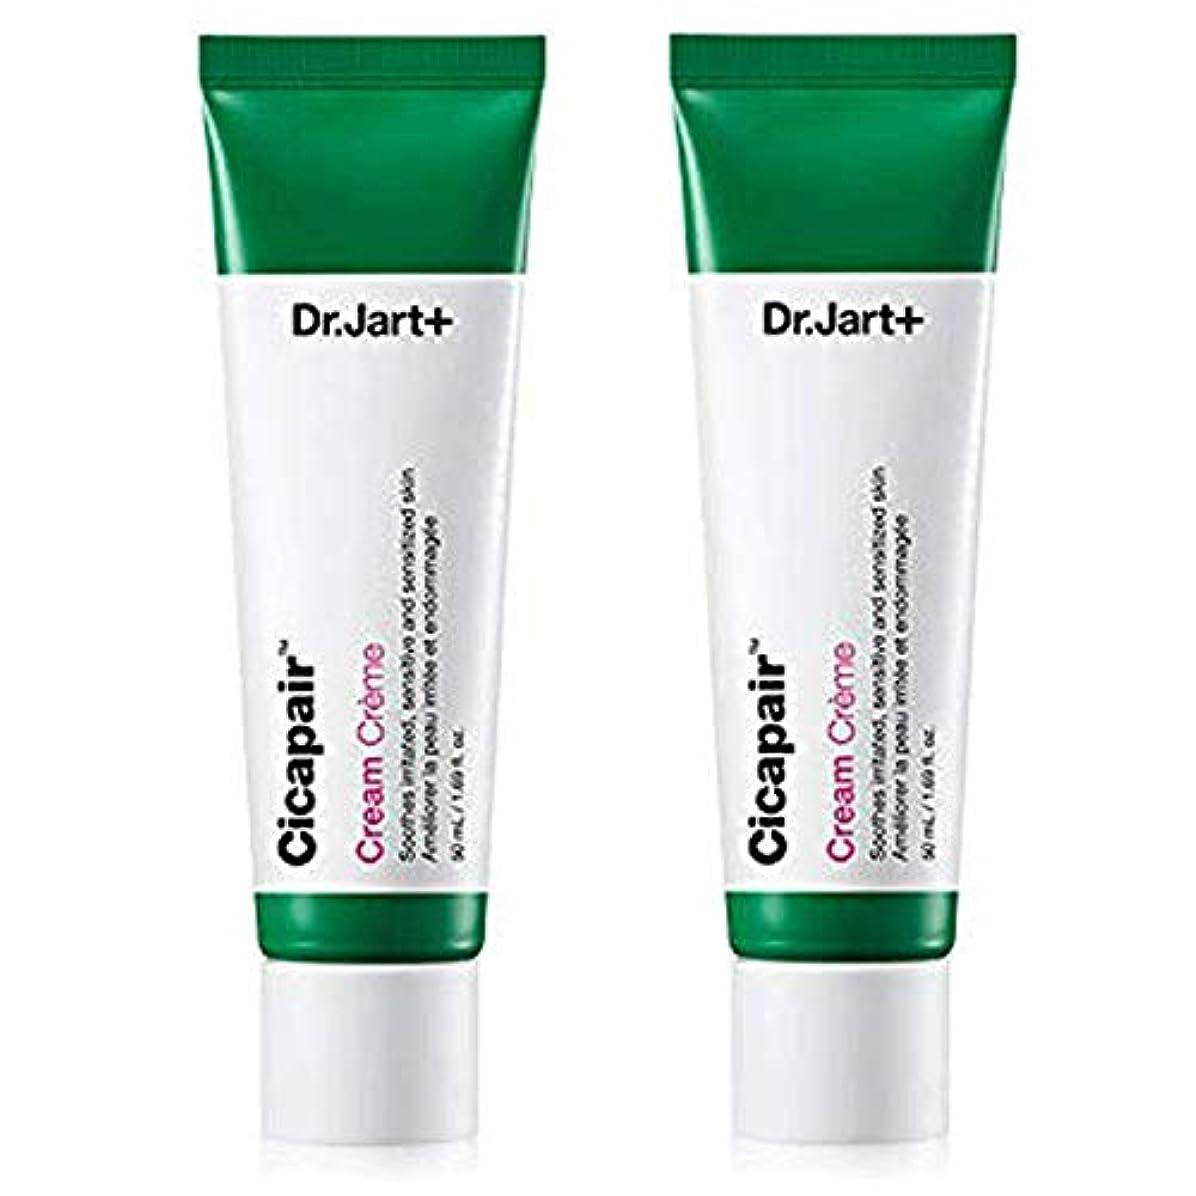 微視的肺炎収縮Dr.Jart+ Cicapair Cream 50ml x 2 ドクタージャルト シカ ペア クリーム 50ml x 2(2代目) [並行輸入品]